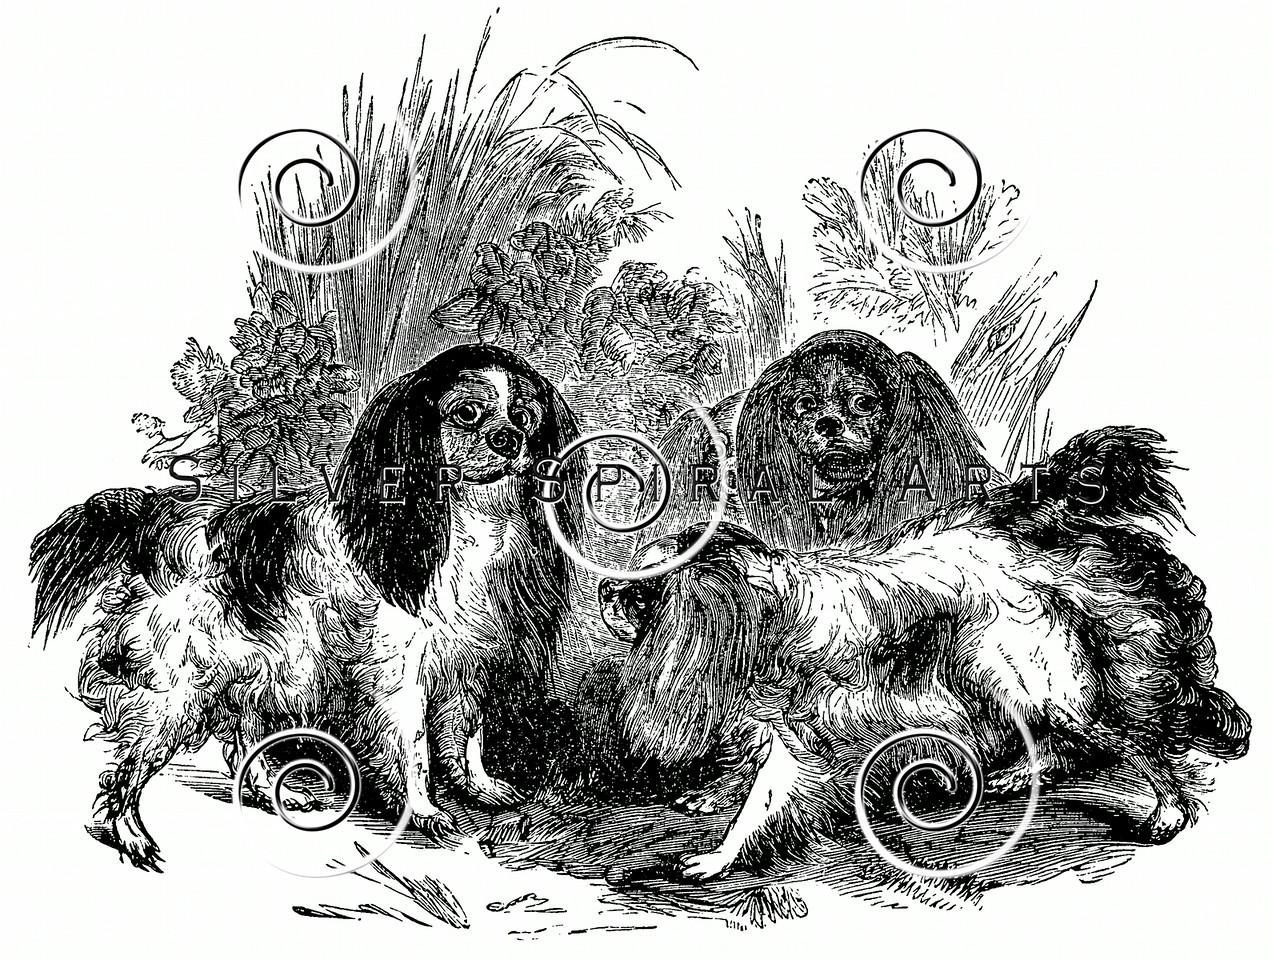 Vintage King Charles Spaniel Dogs Illustration - 1800s Dog Images